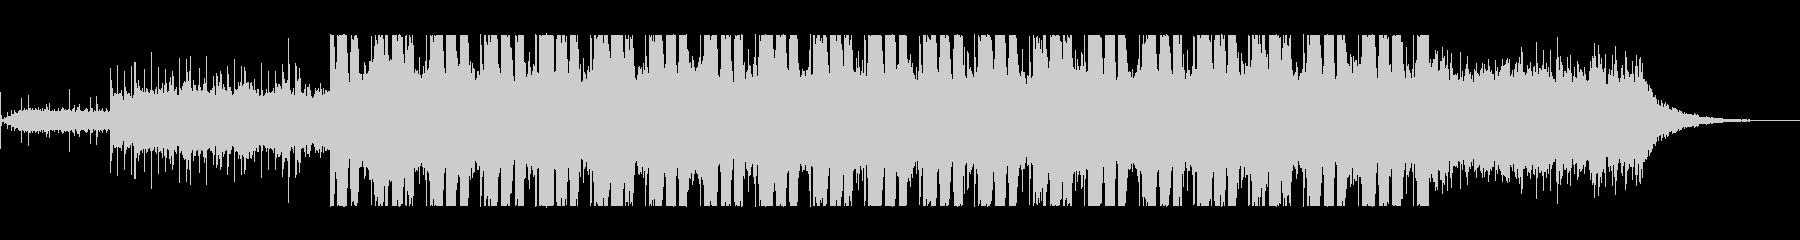 まろやかでマイナ―なシンセサウンドの未再生の波形